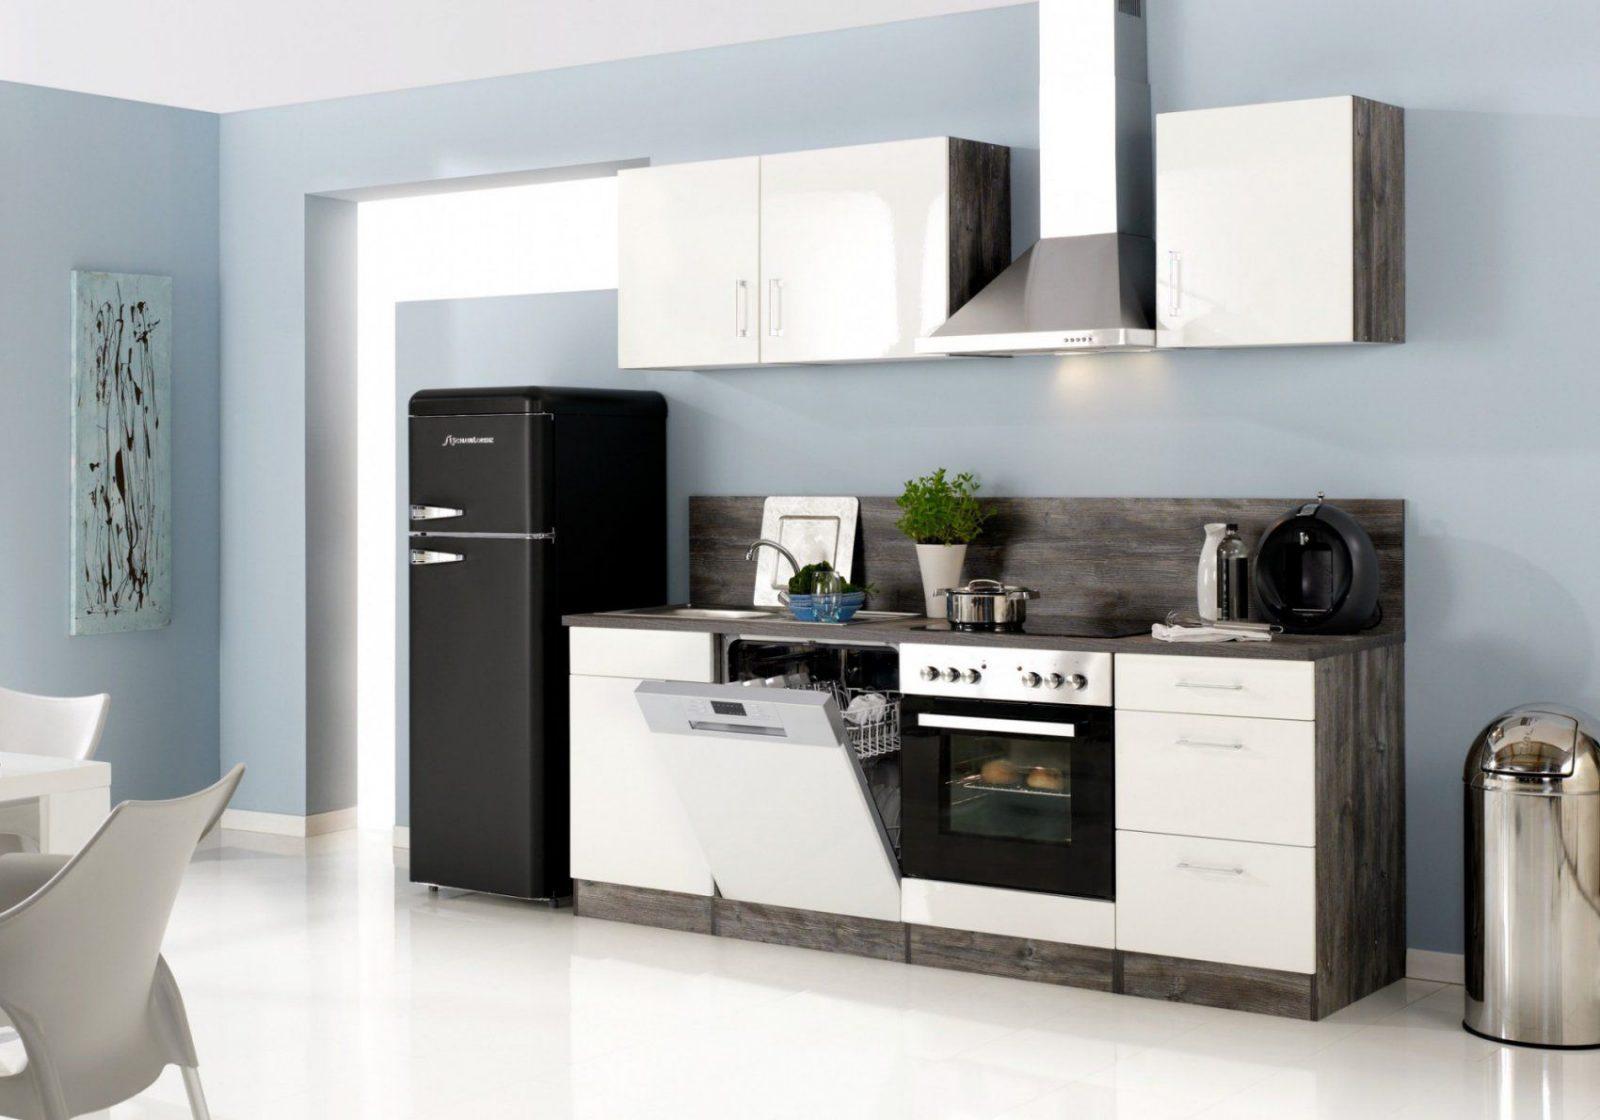 Küchenzeile Lissabon  Küche Mit Egeräten  Breite 280 Cm 14 von Küchenzeile 220 Cm Mit Kühlschrank Bild